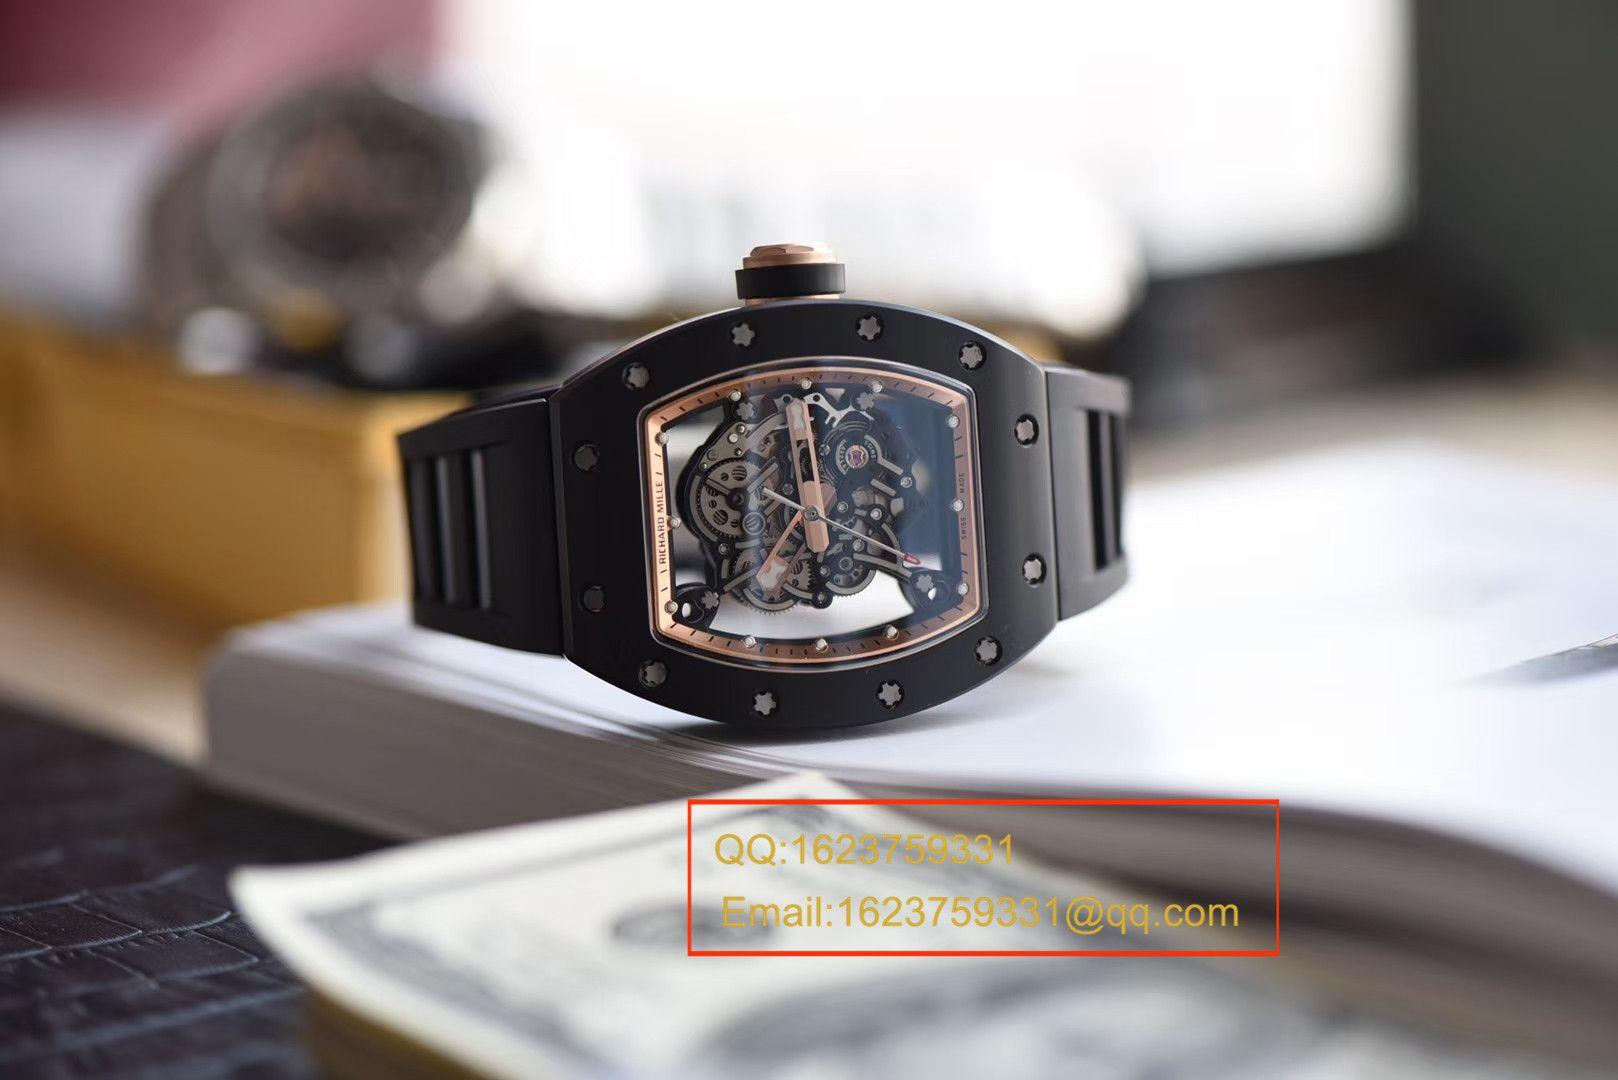 【独家视频评测KV厂一比一超A精仿手表】理查德米尔RICHARD MILLE男士系列RM 055腕表 / RM 055B